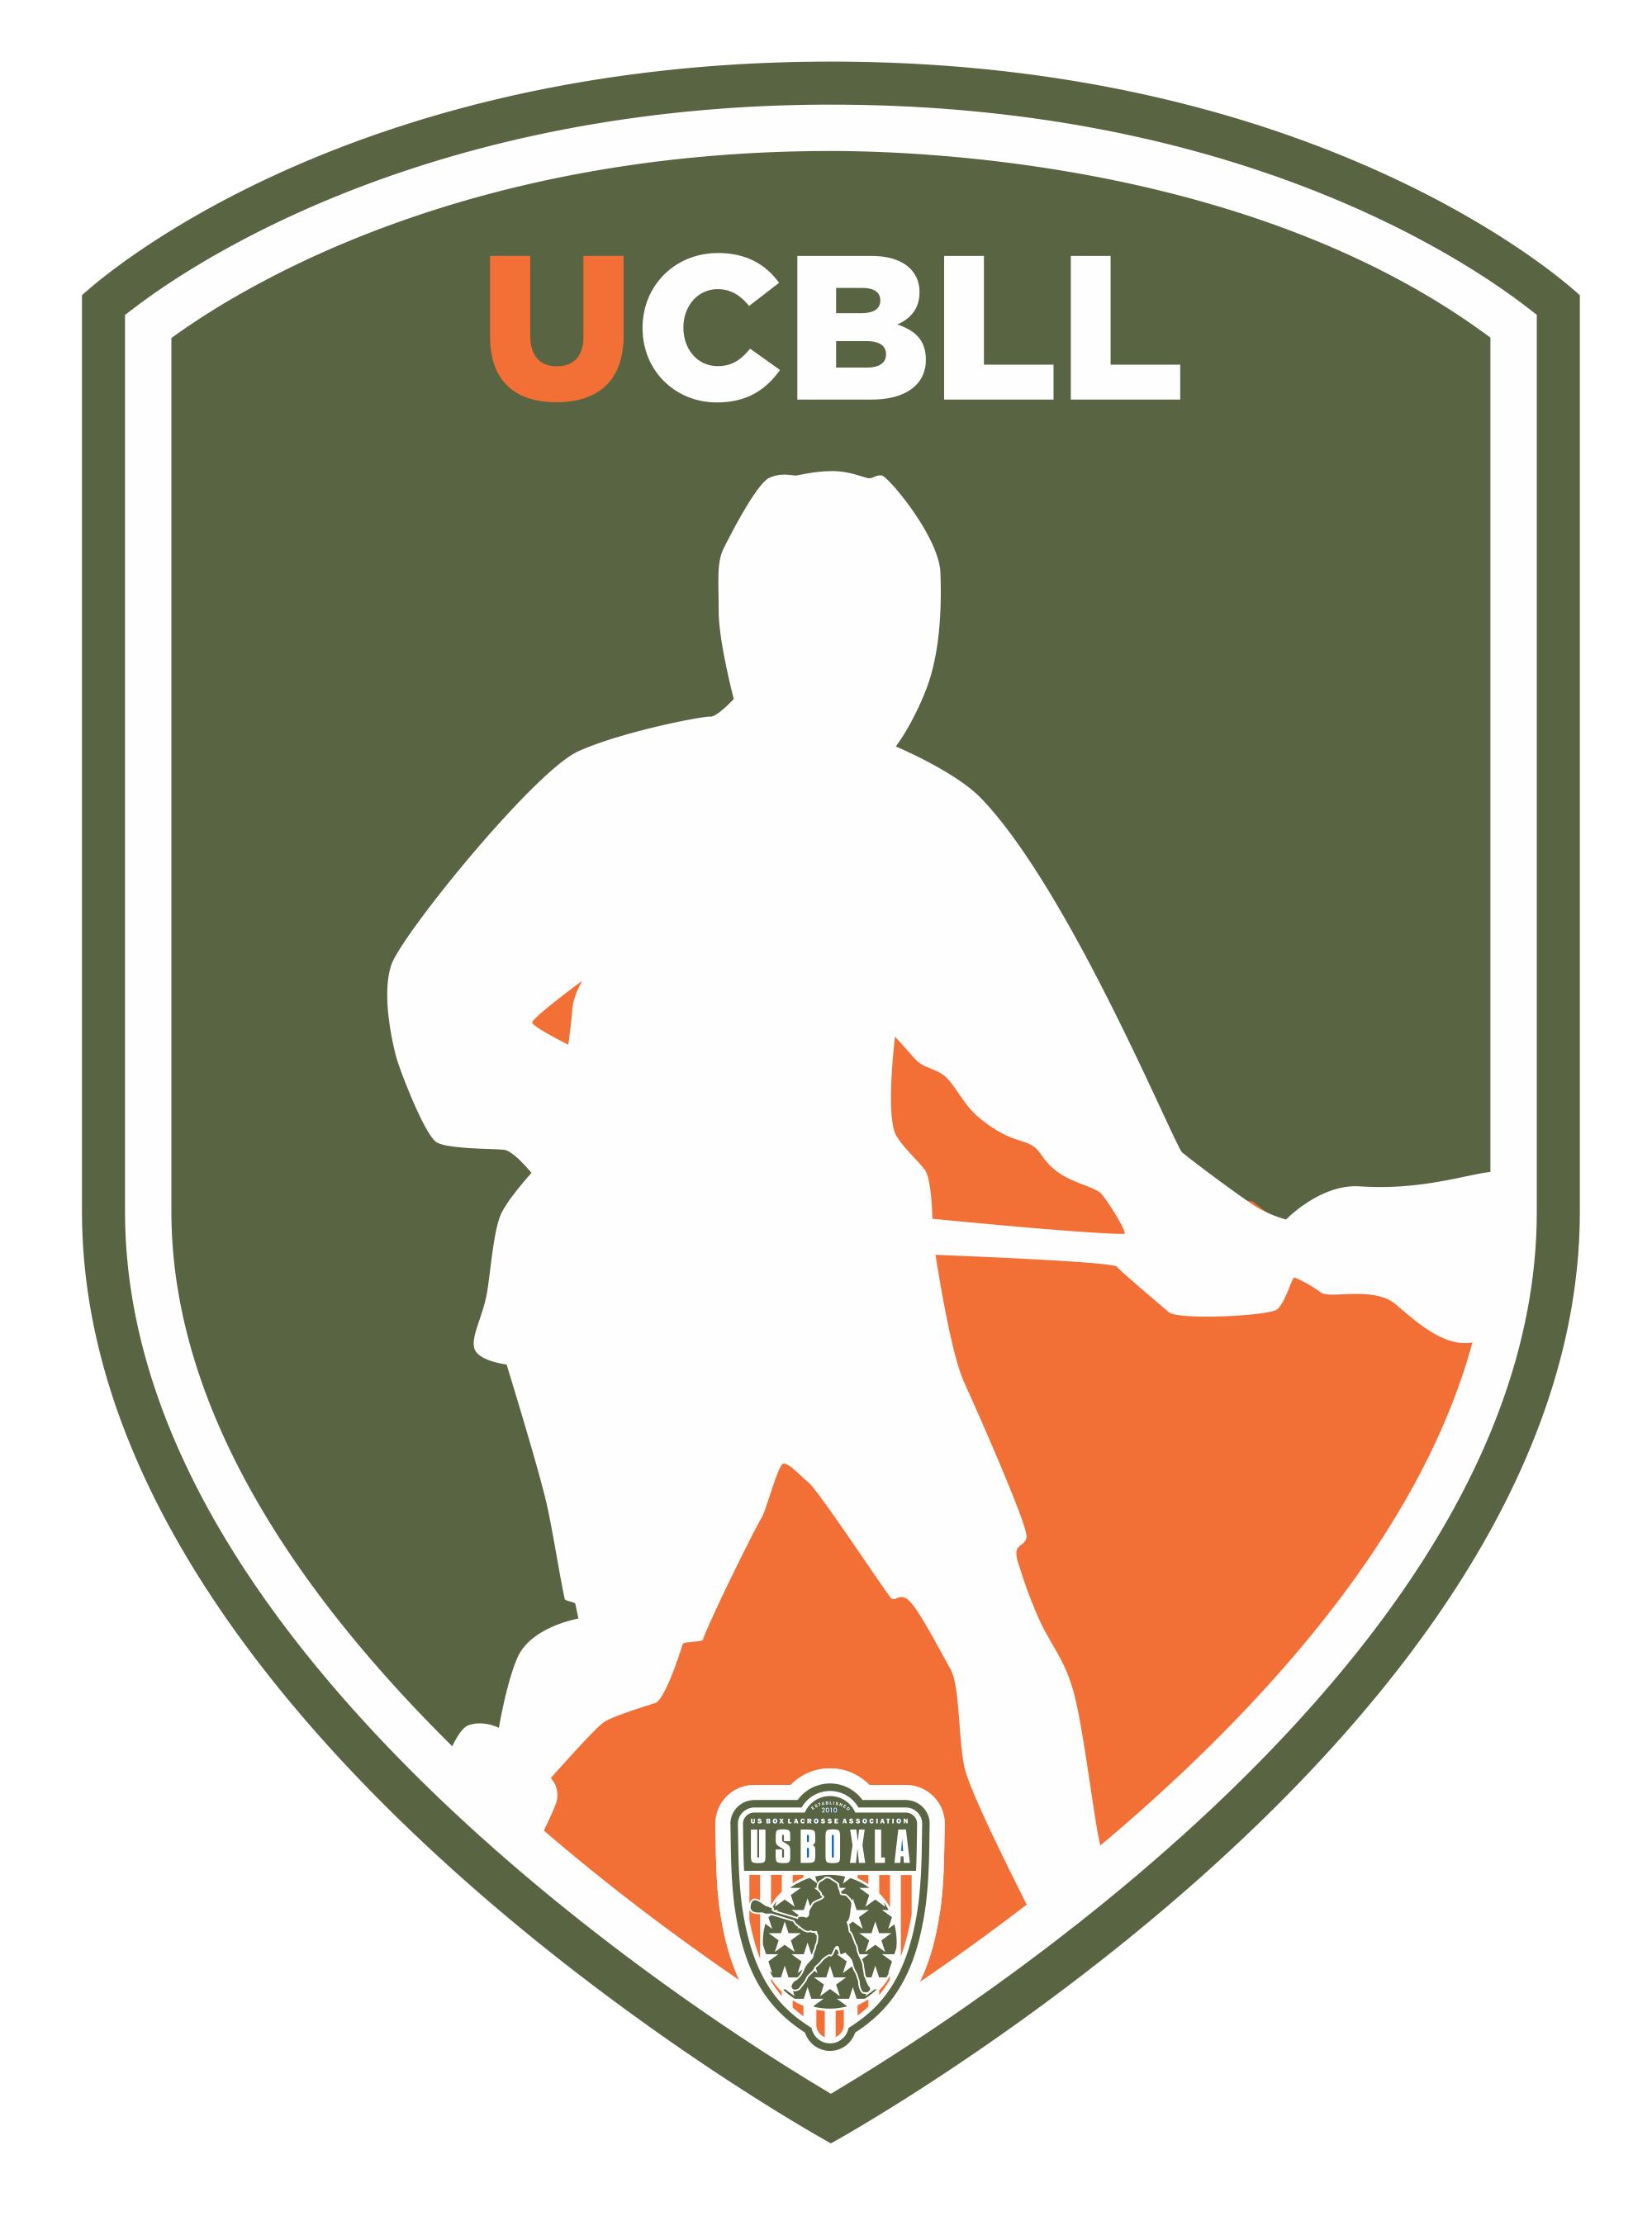 UCBLLv2